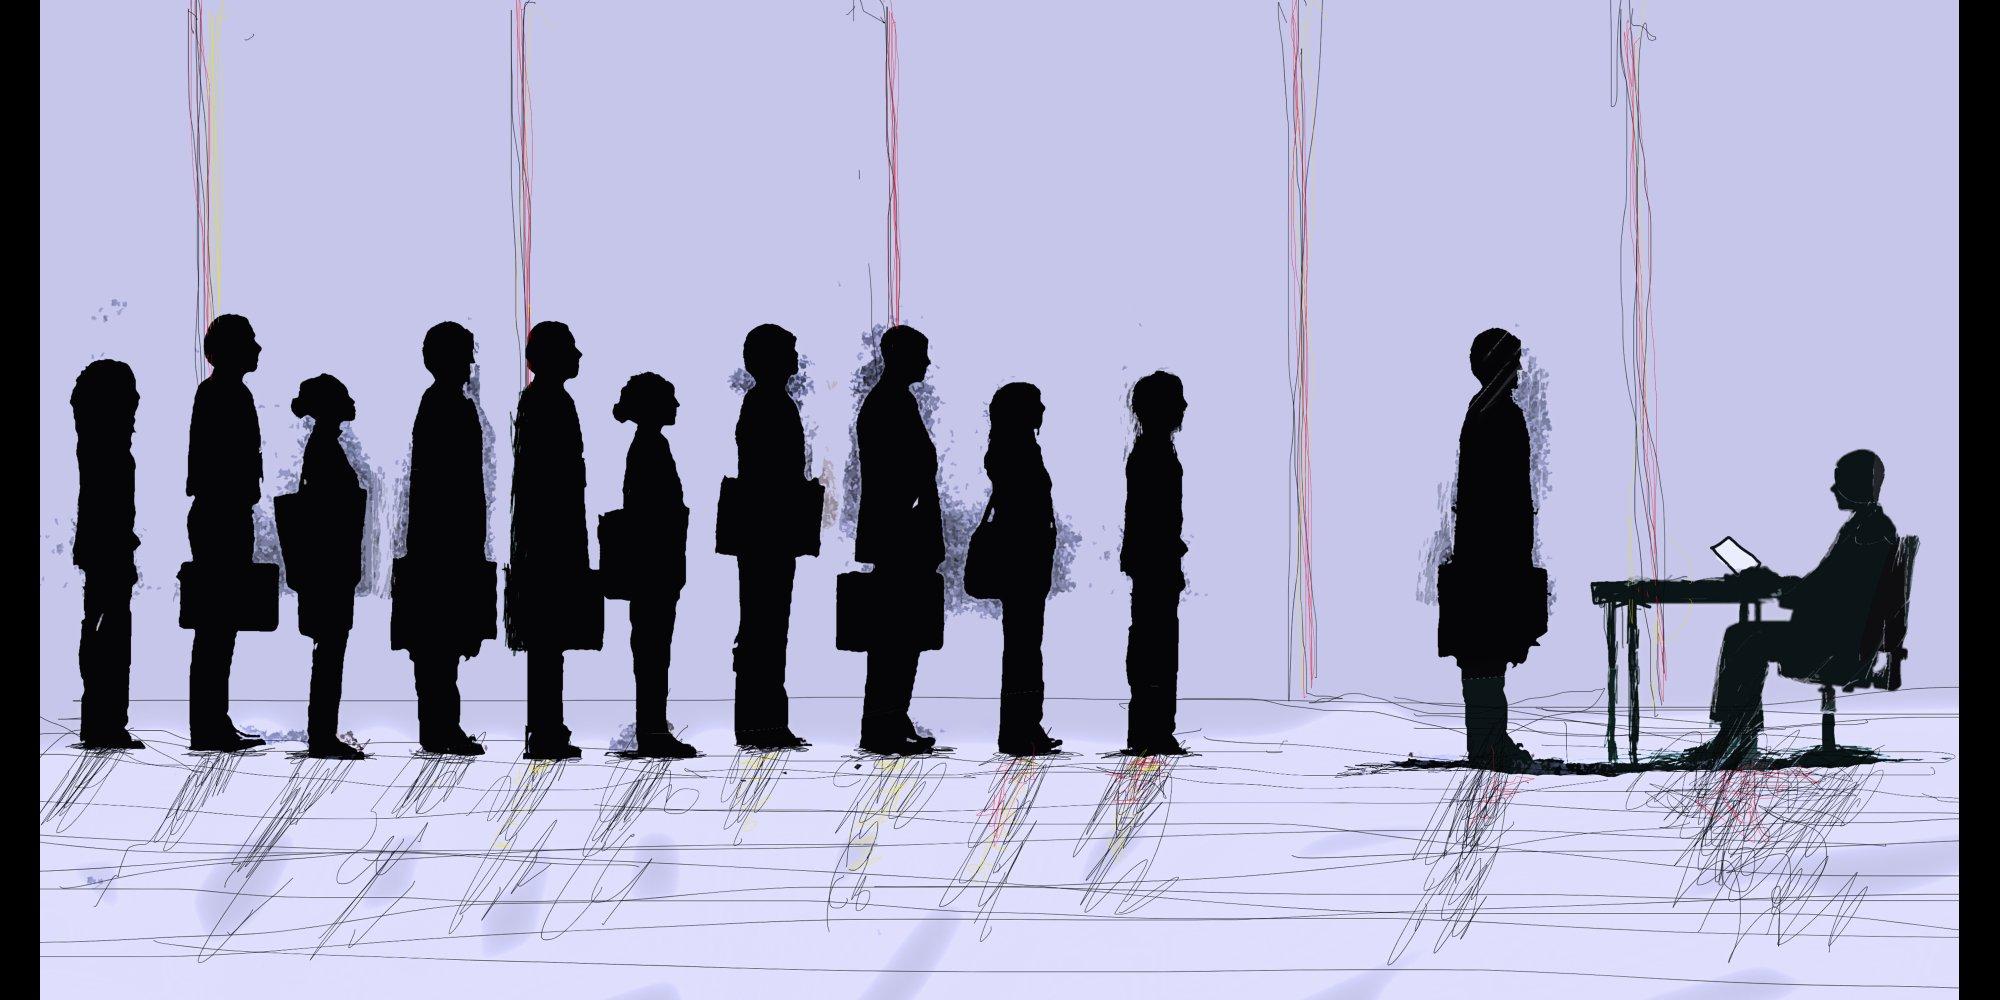 Brezposelnost še naprej upada